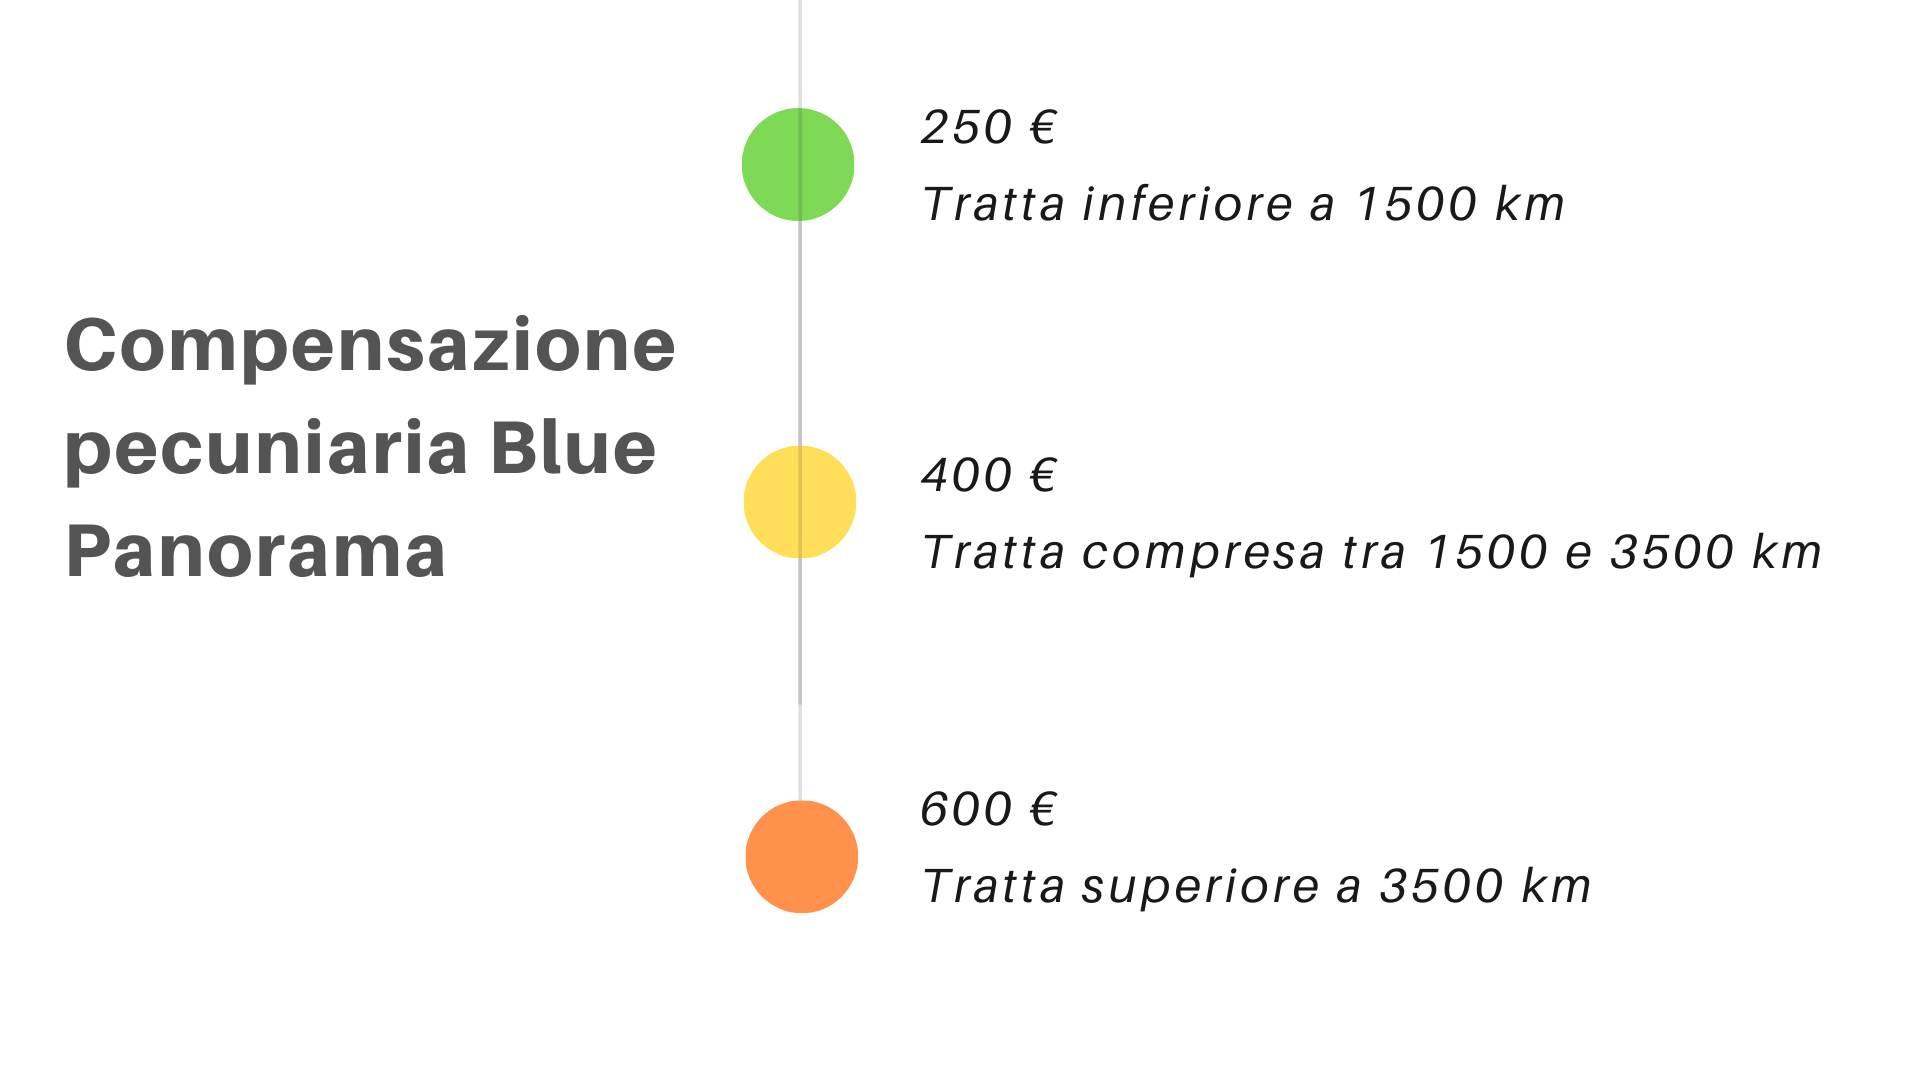 Quanto deve rimborsa Blue Panorama